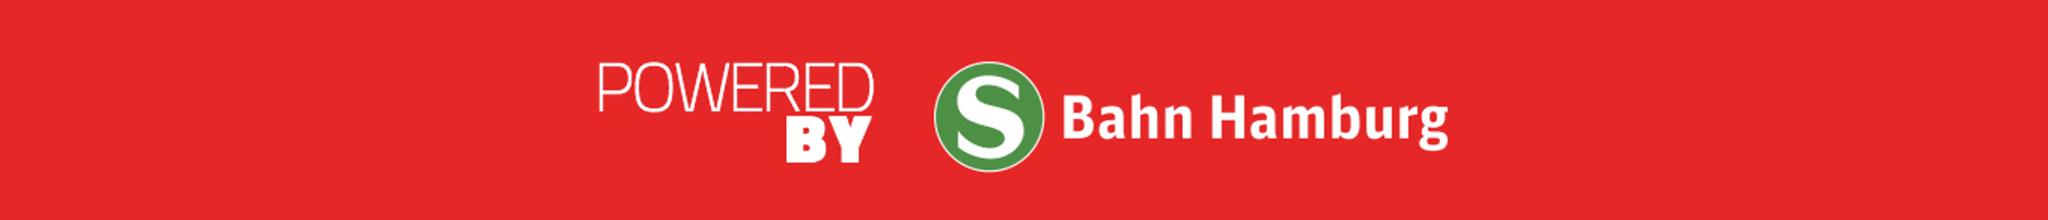 S-Bahn-Header-Banner